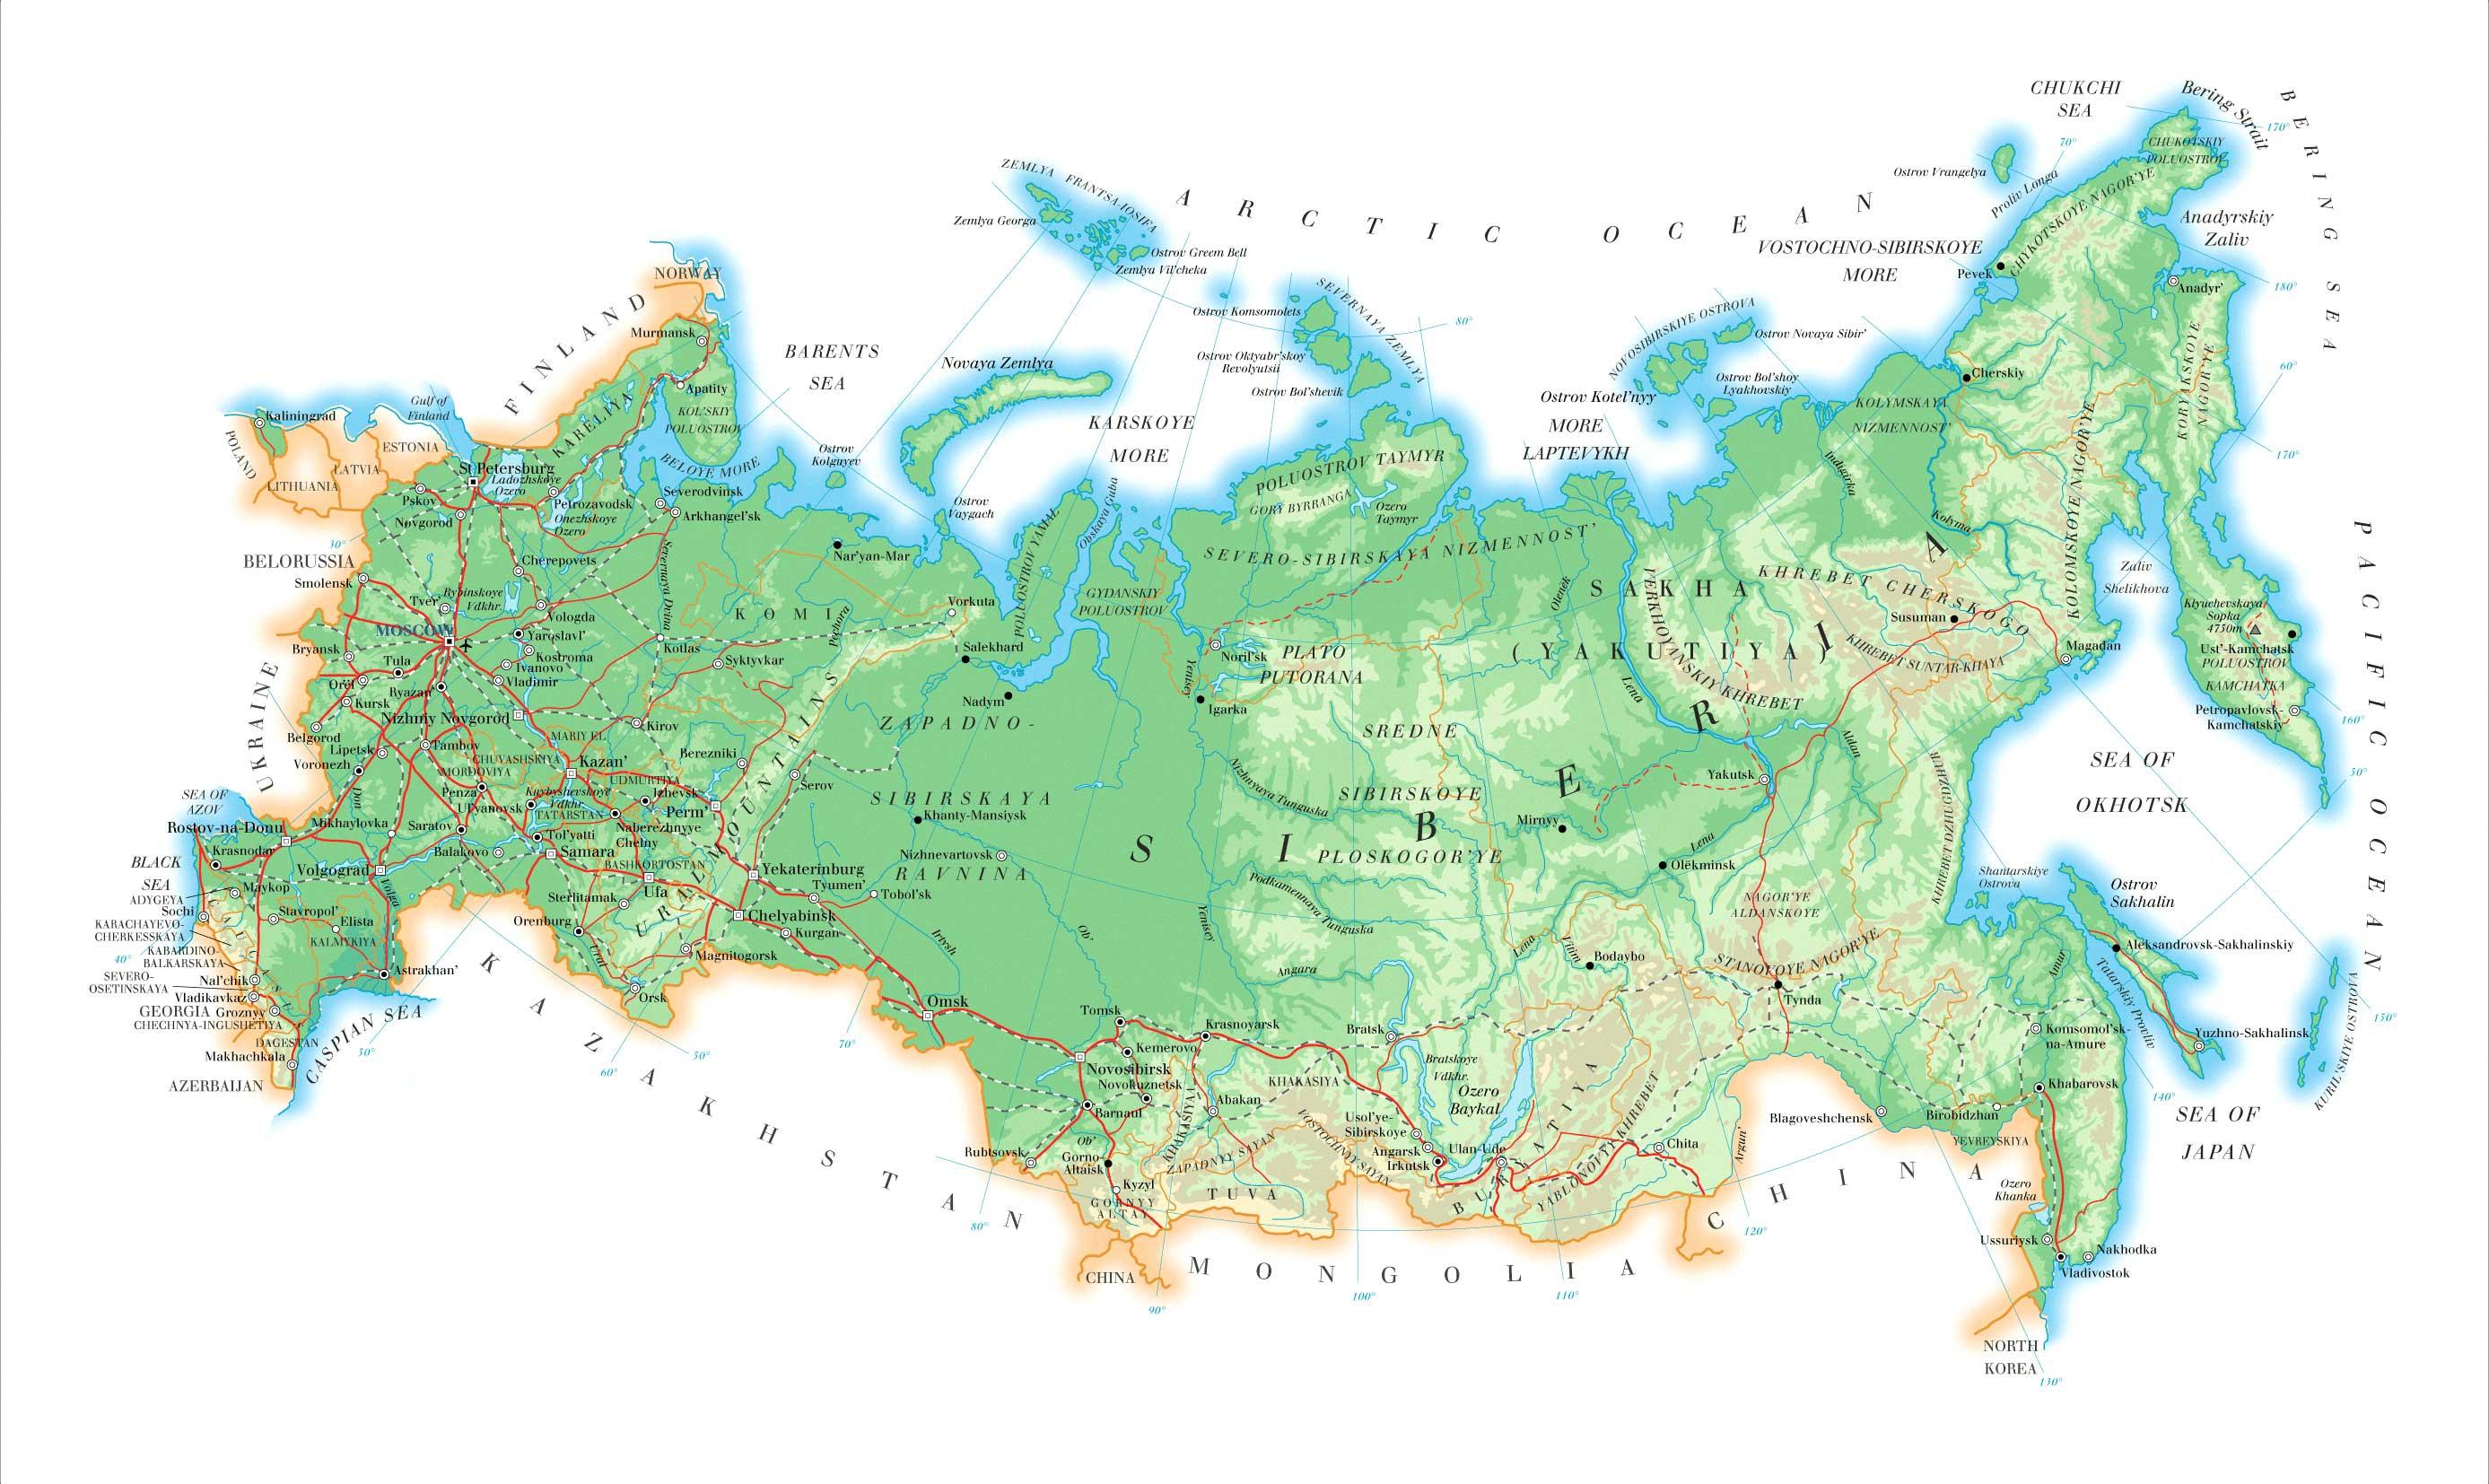 俄罗斯 人均gdp_俄罗斯各地人均gdp